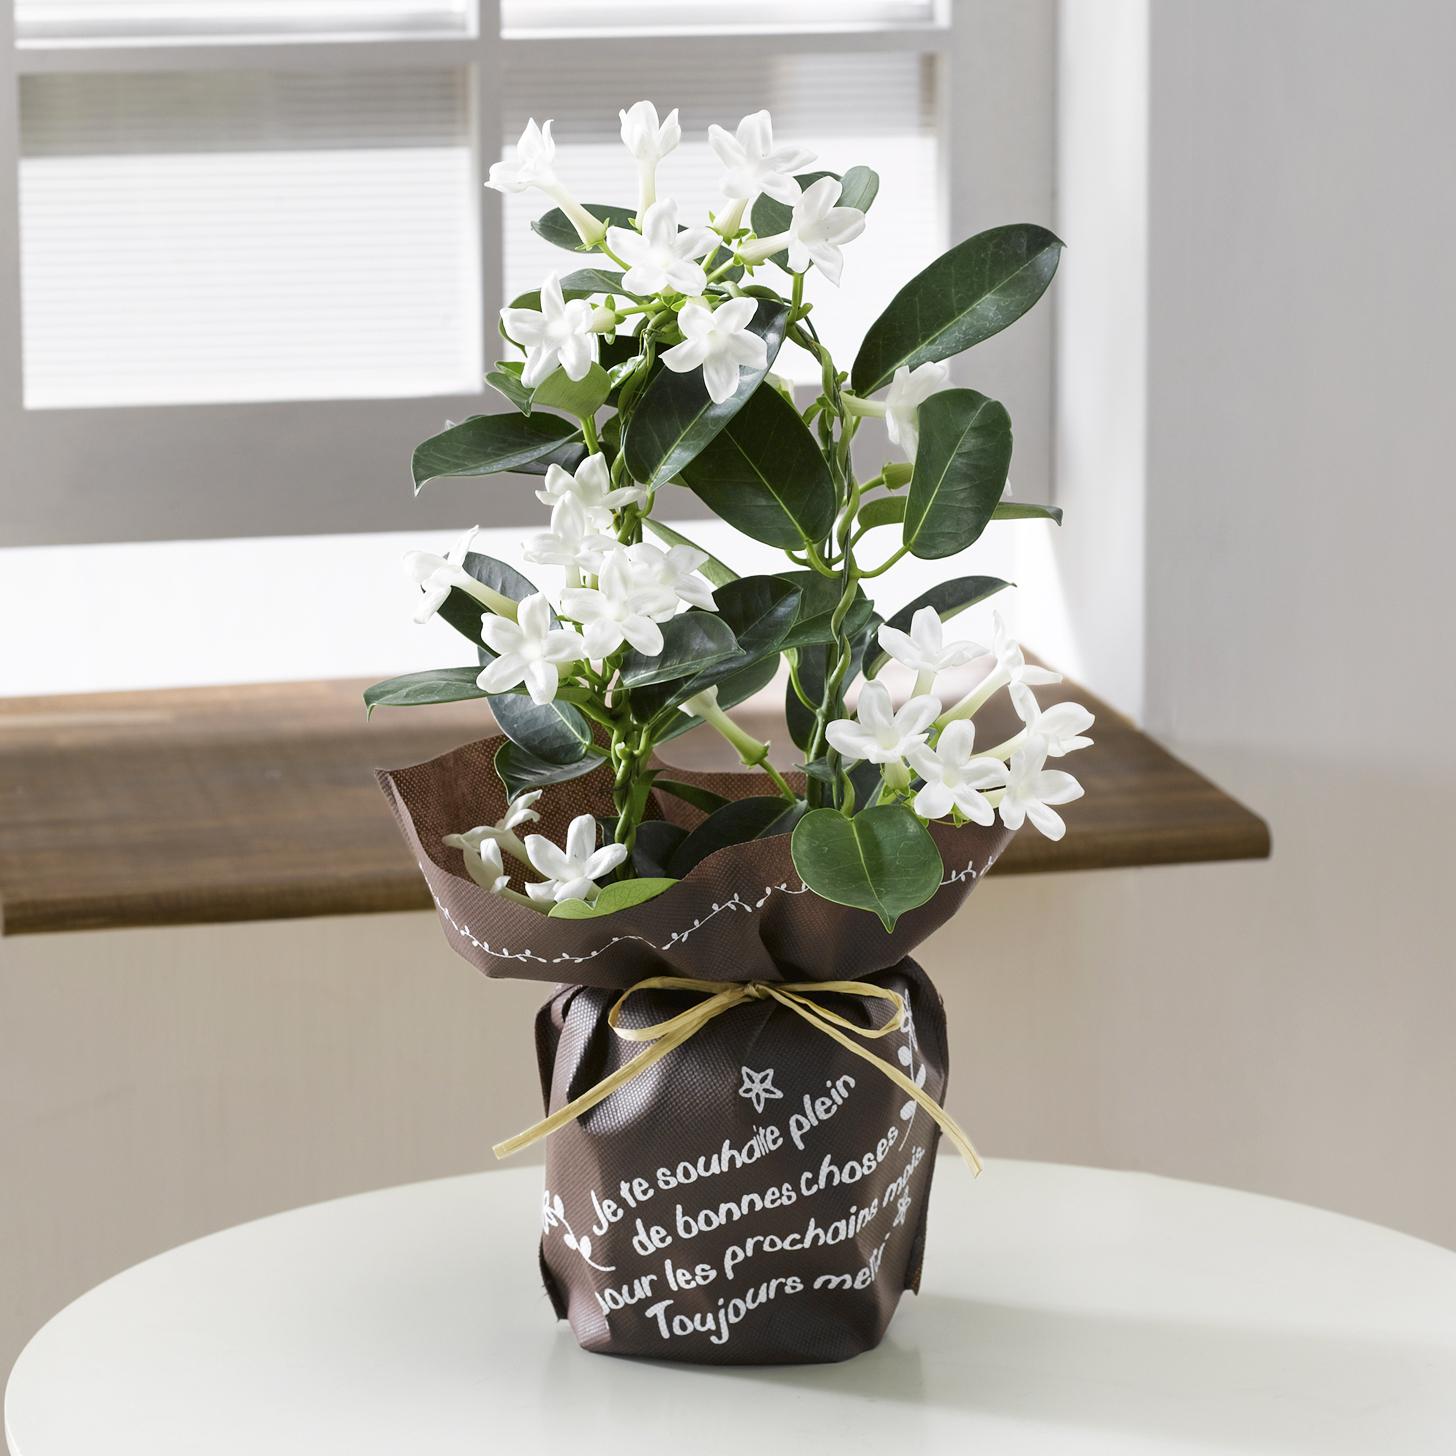 【今ならマスク1枚プレゼント付】母の日 マダガスカルジャスミン 4号鉢 1鉢 - 1